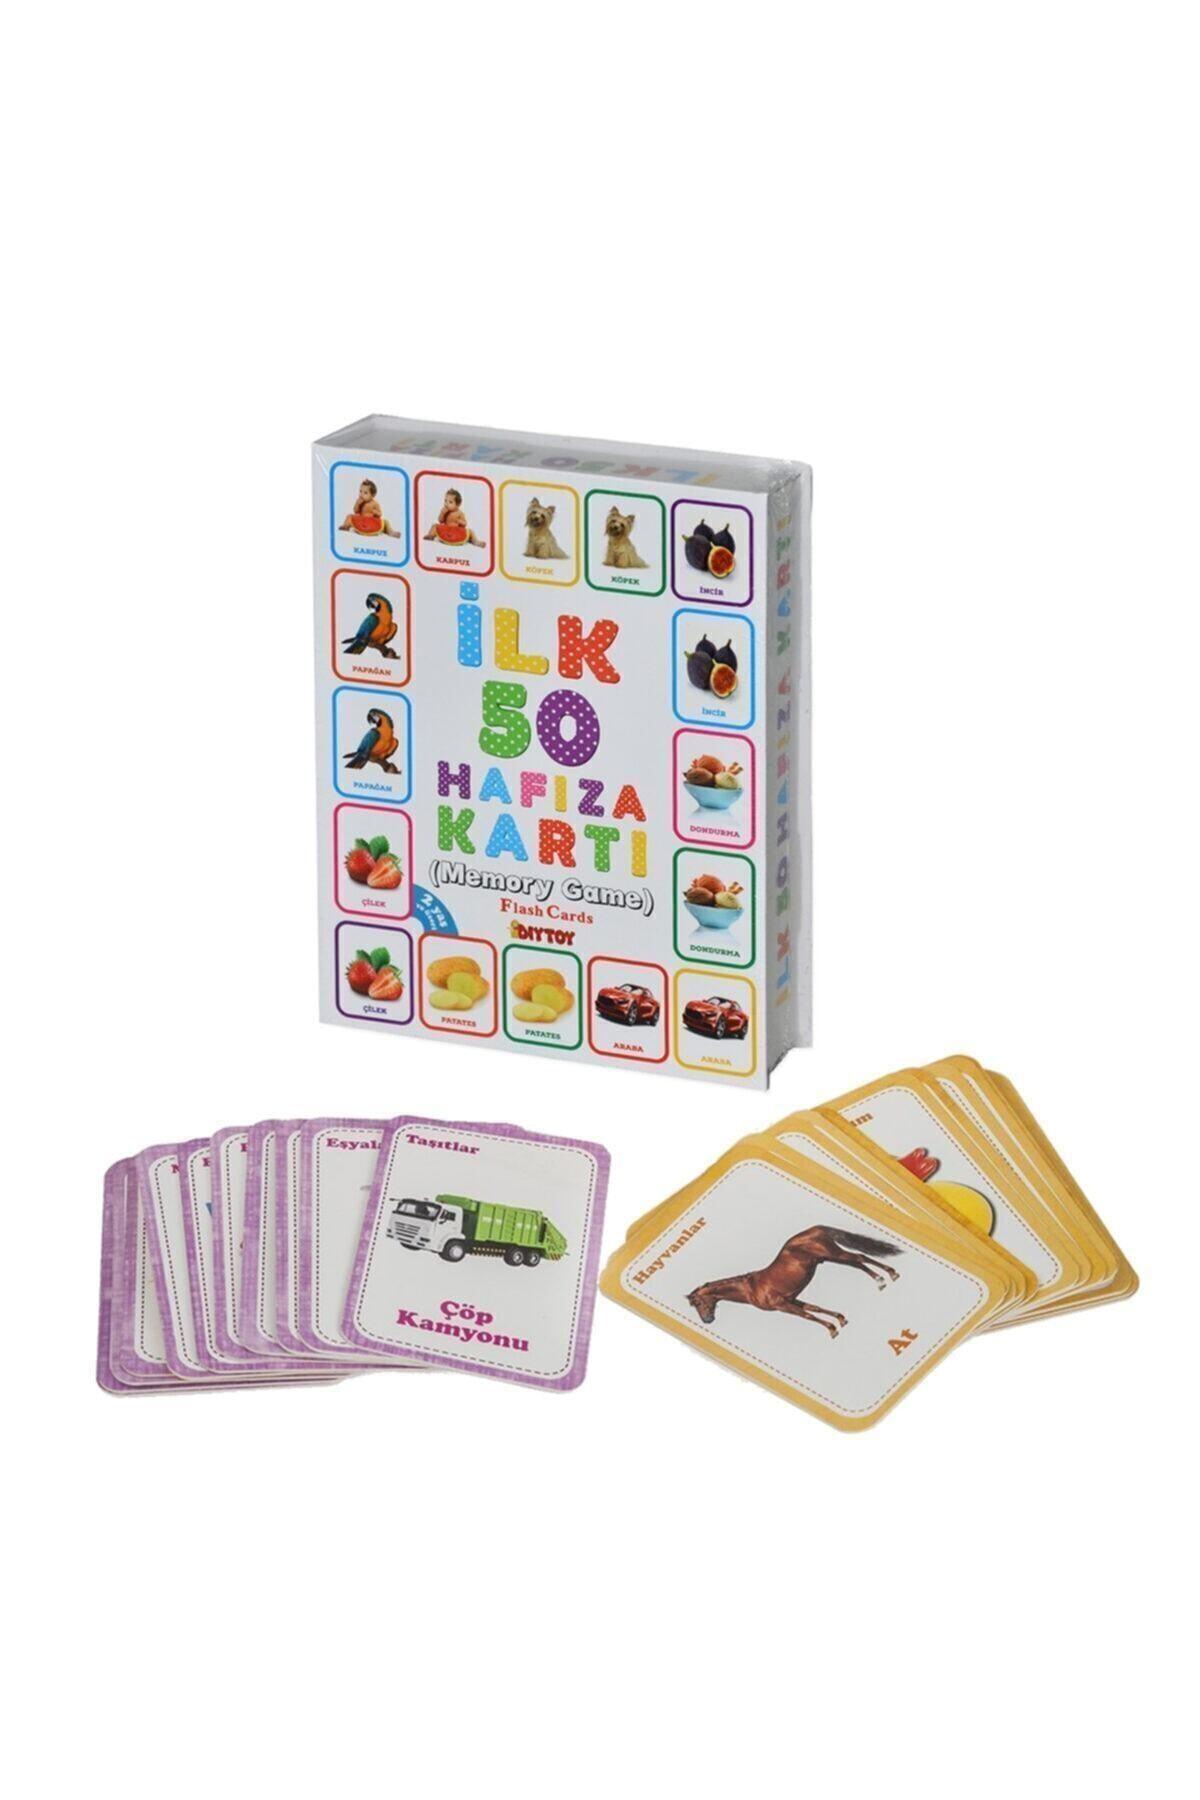 DIYTOY Bebeğimin Ilk Zeka Kartları Ve Diy-toy Flash Cards Ilk 50 Sözcük 2' Li Set 2